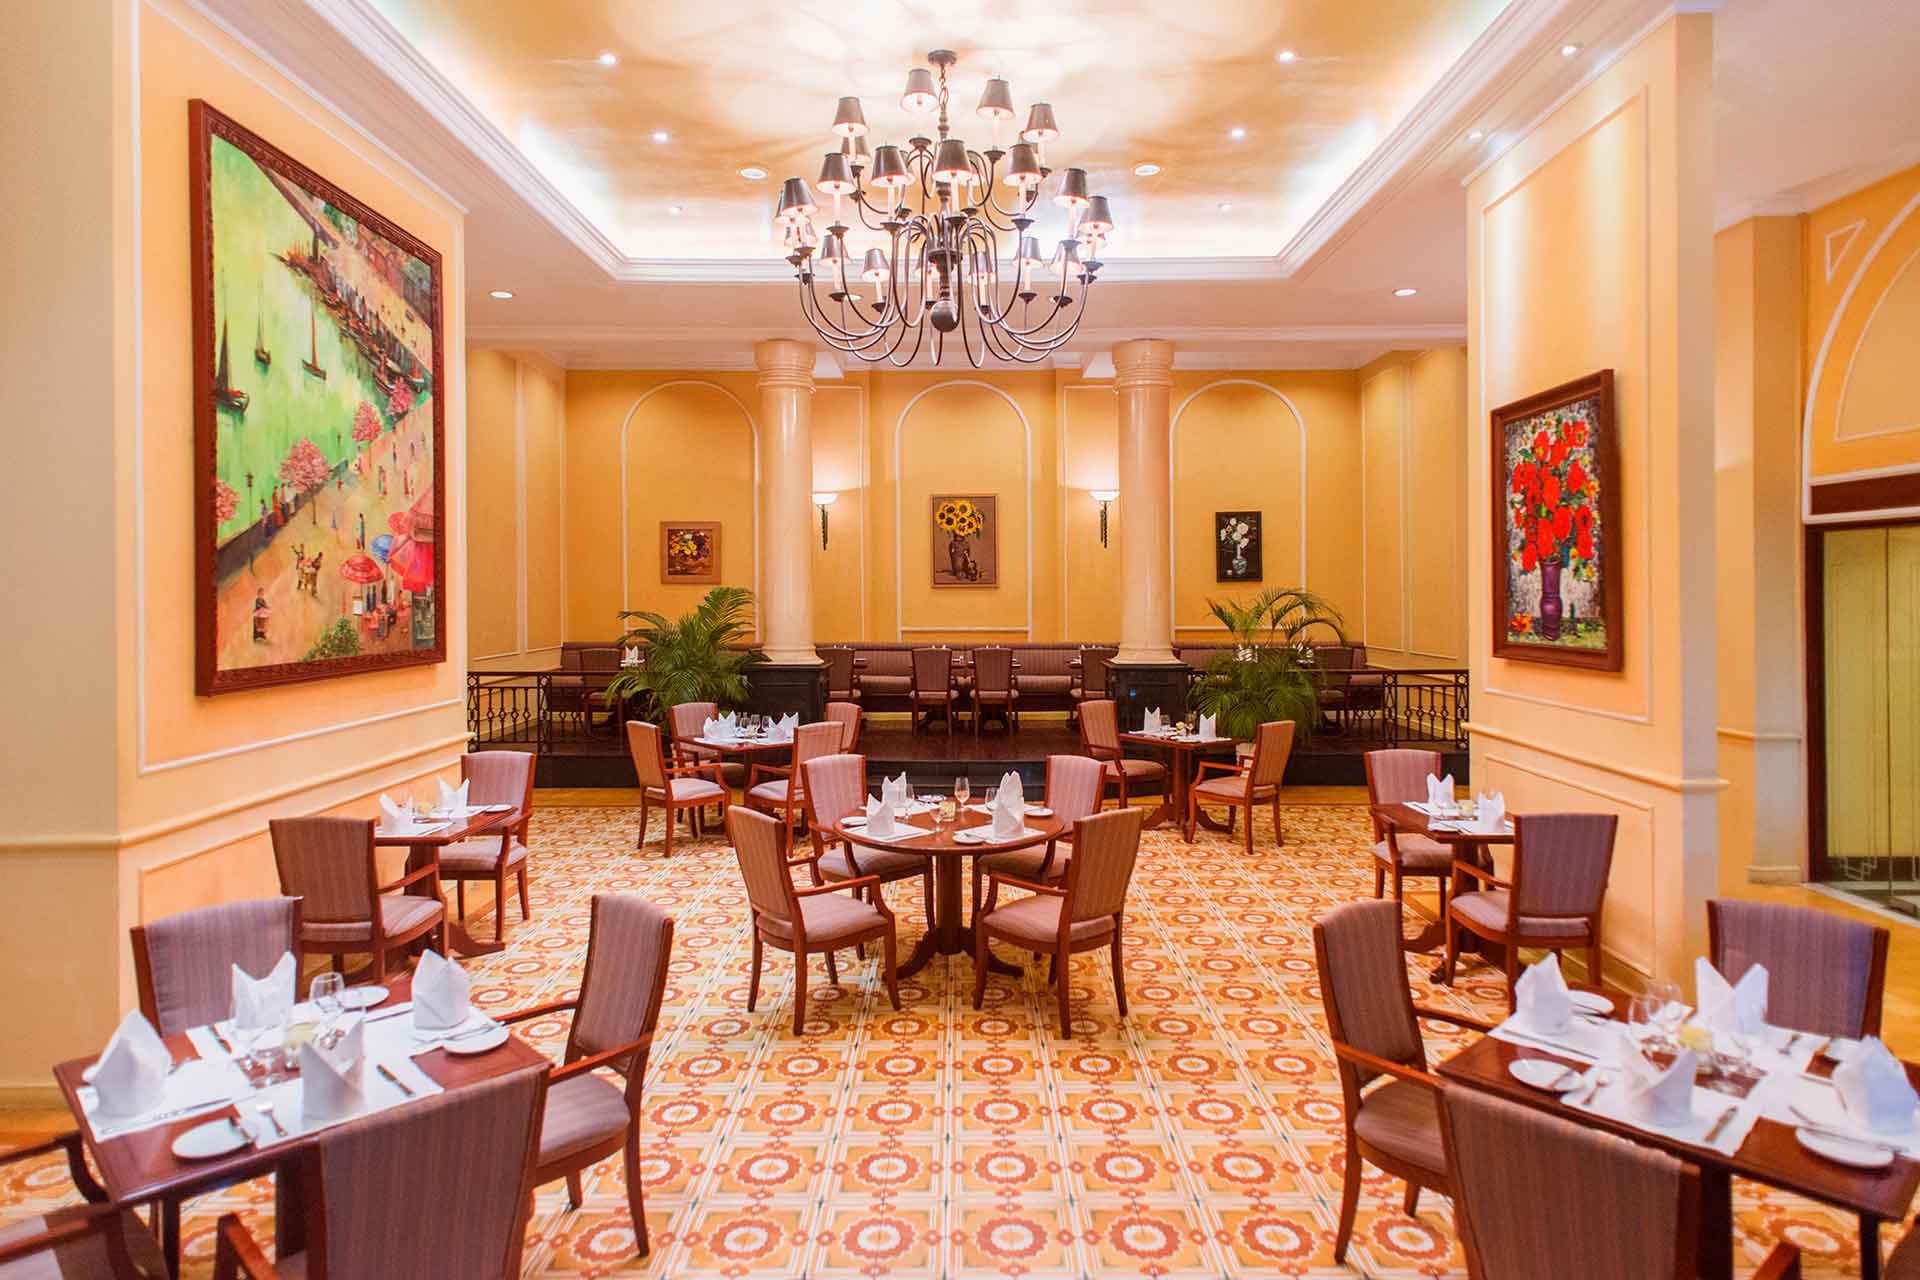 Interior of Harbour café restaurant